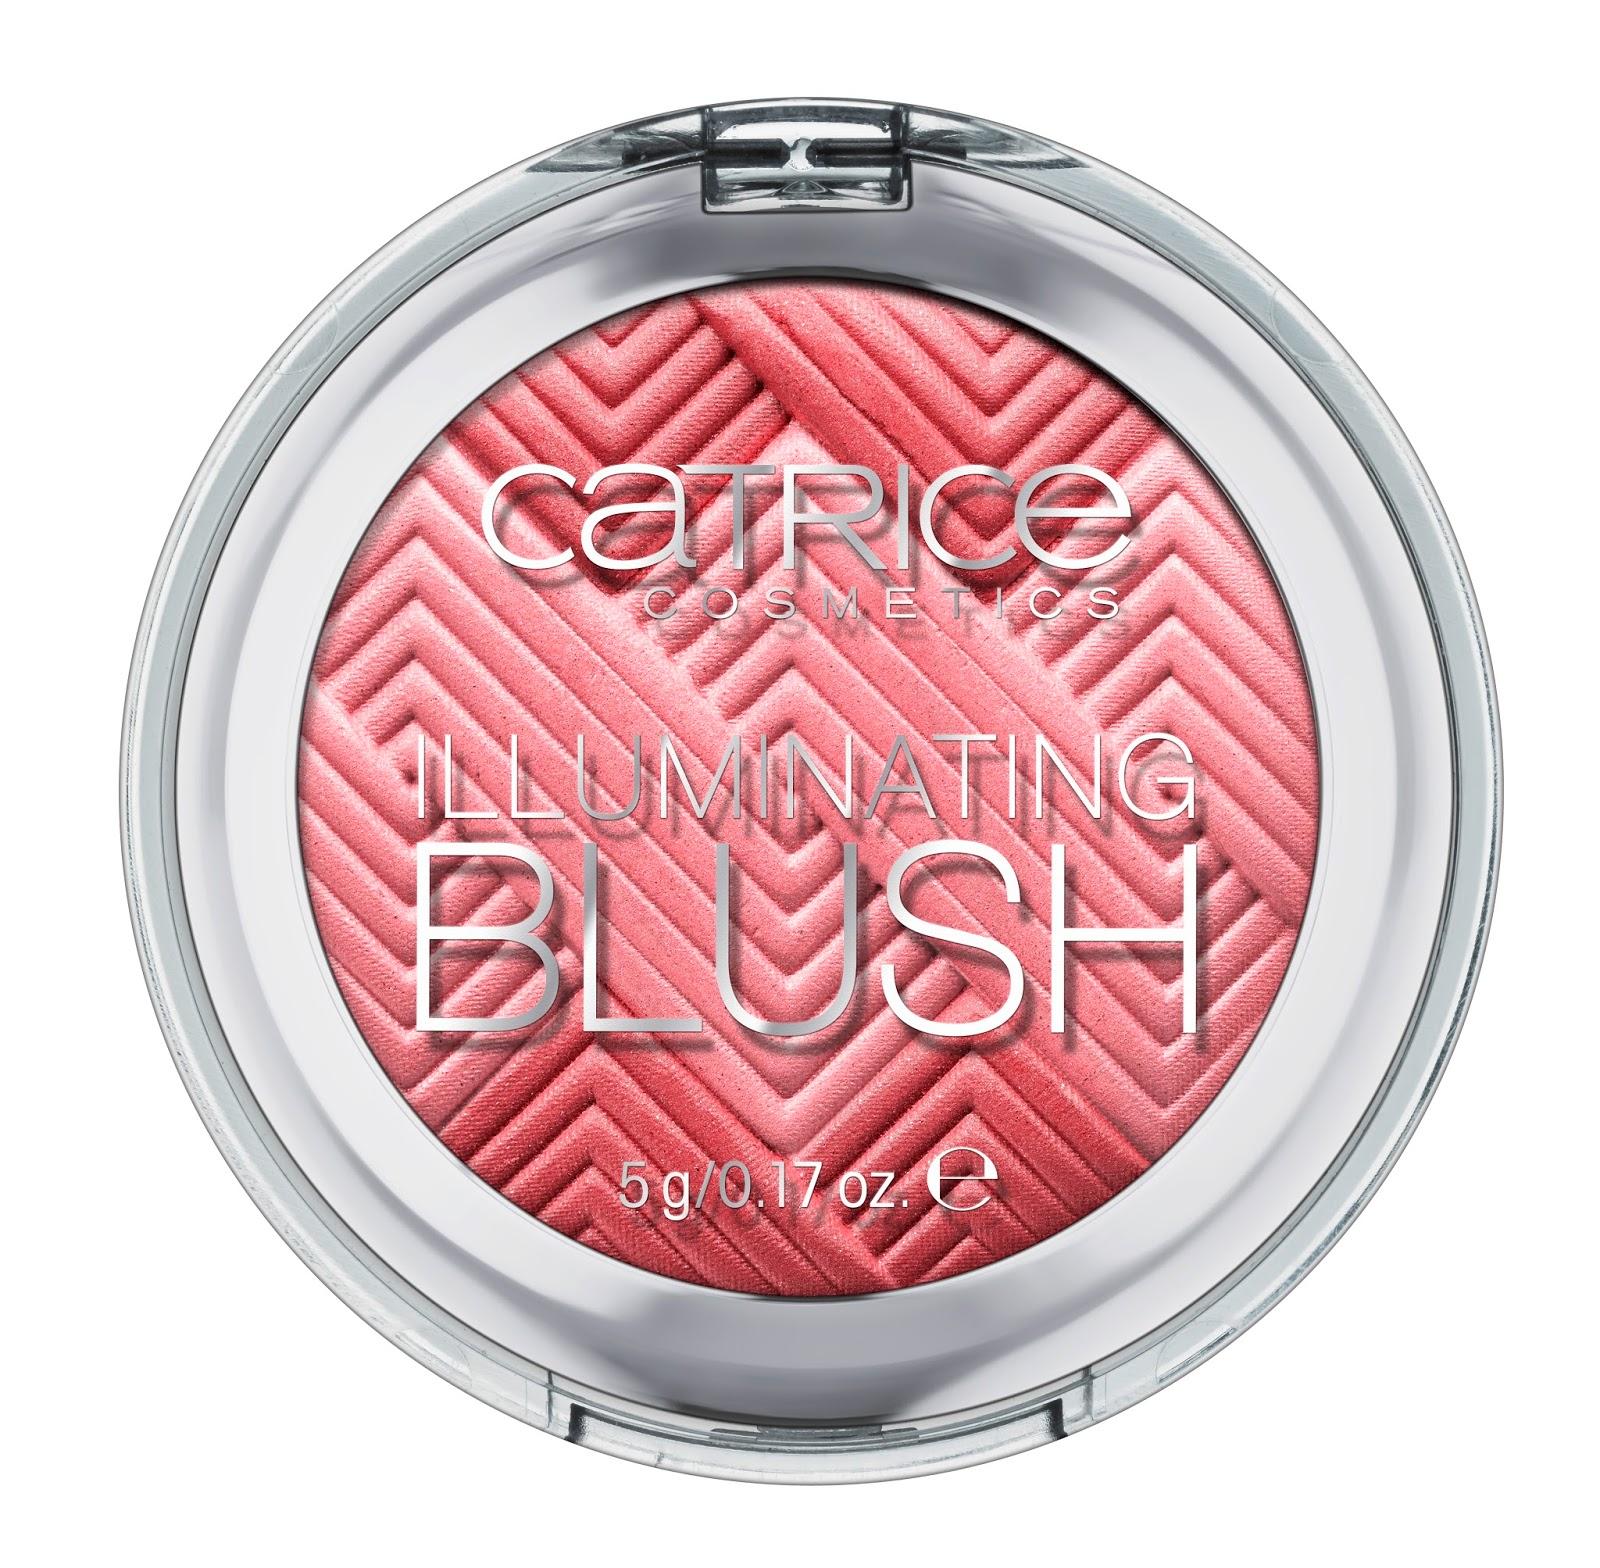 Catrice - Illuminating Blush